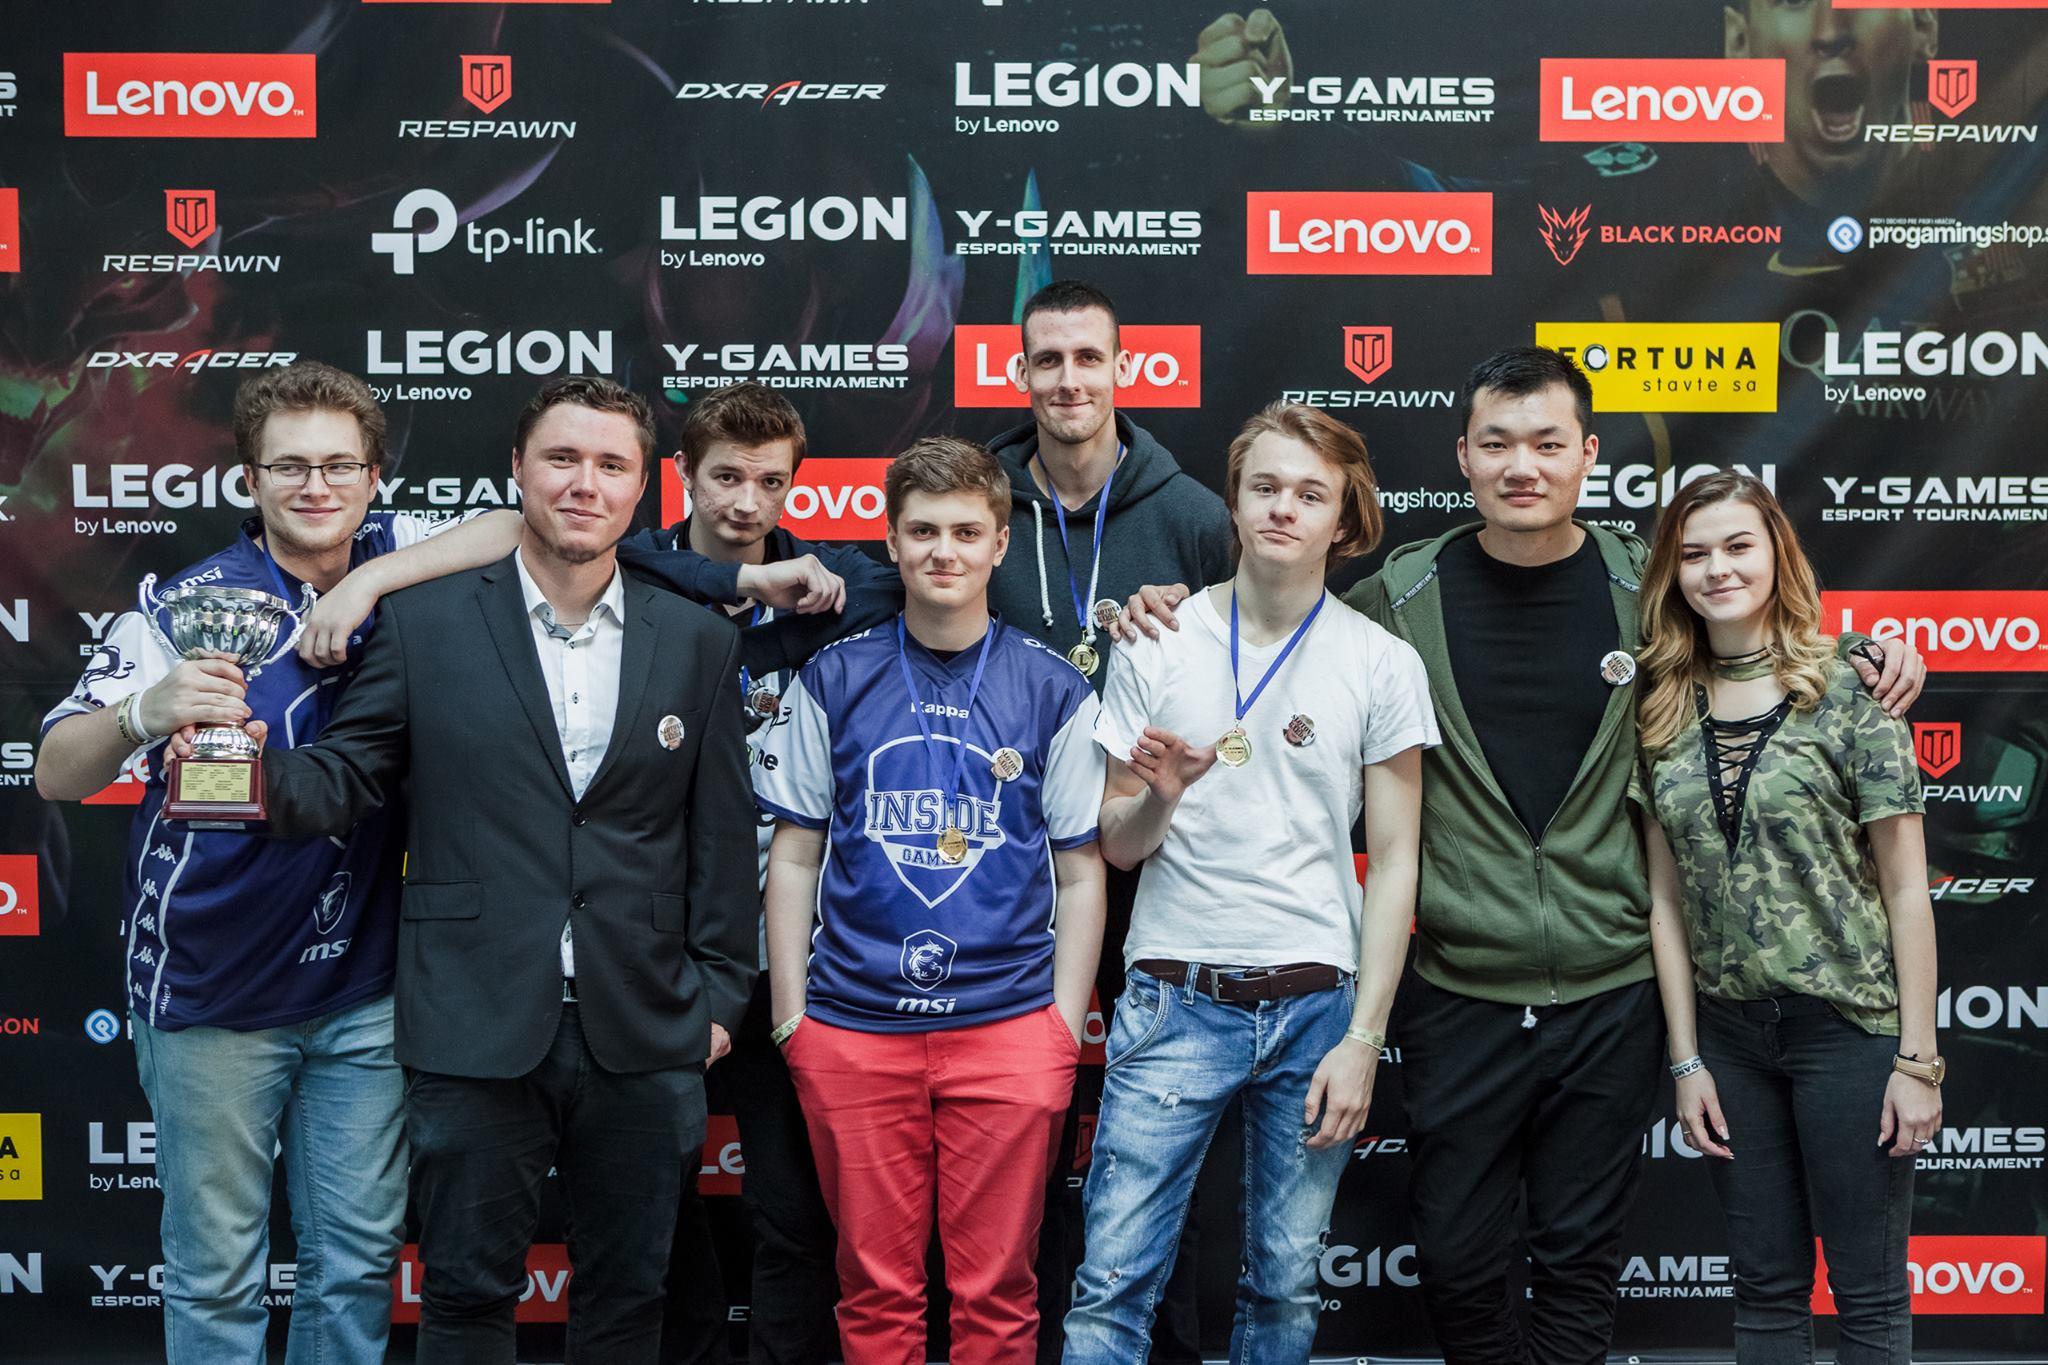 Herný turnaj LENOVO LEGION Y-Games 2017 už spoznal svojich víťazov 17